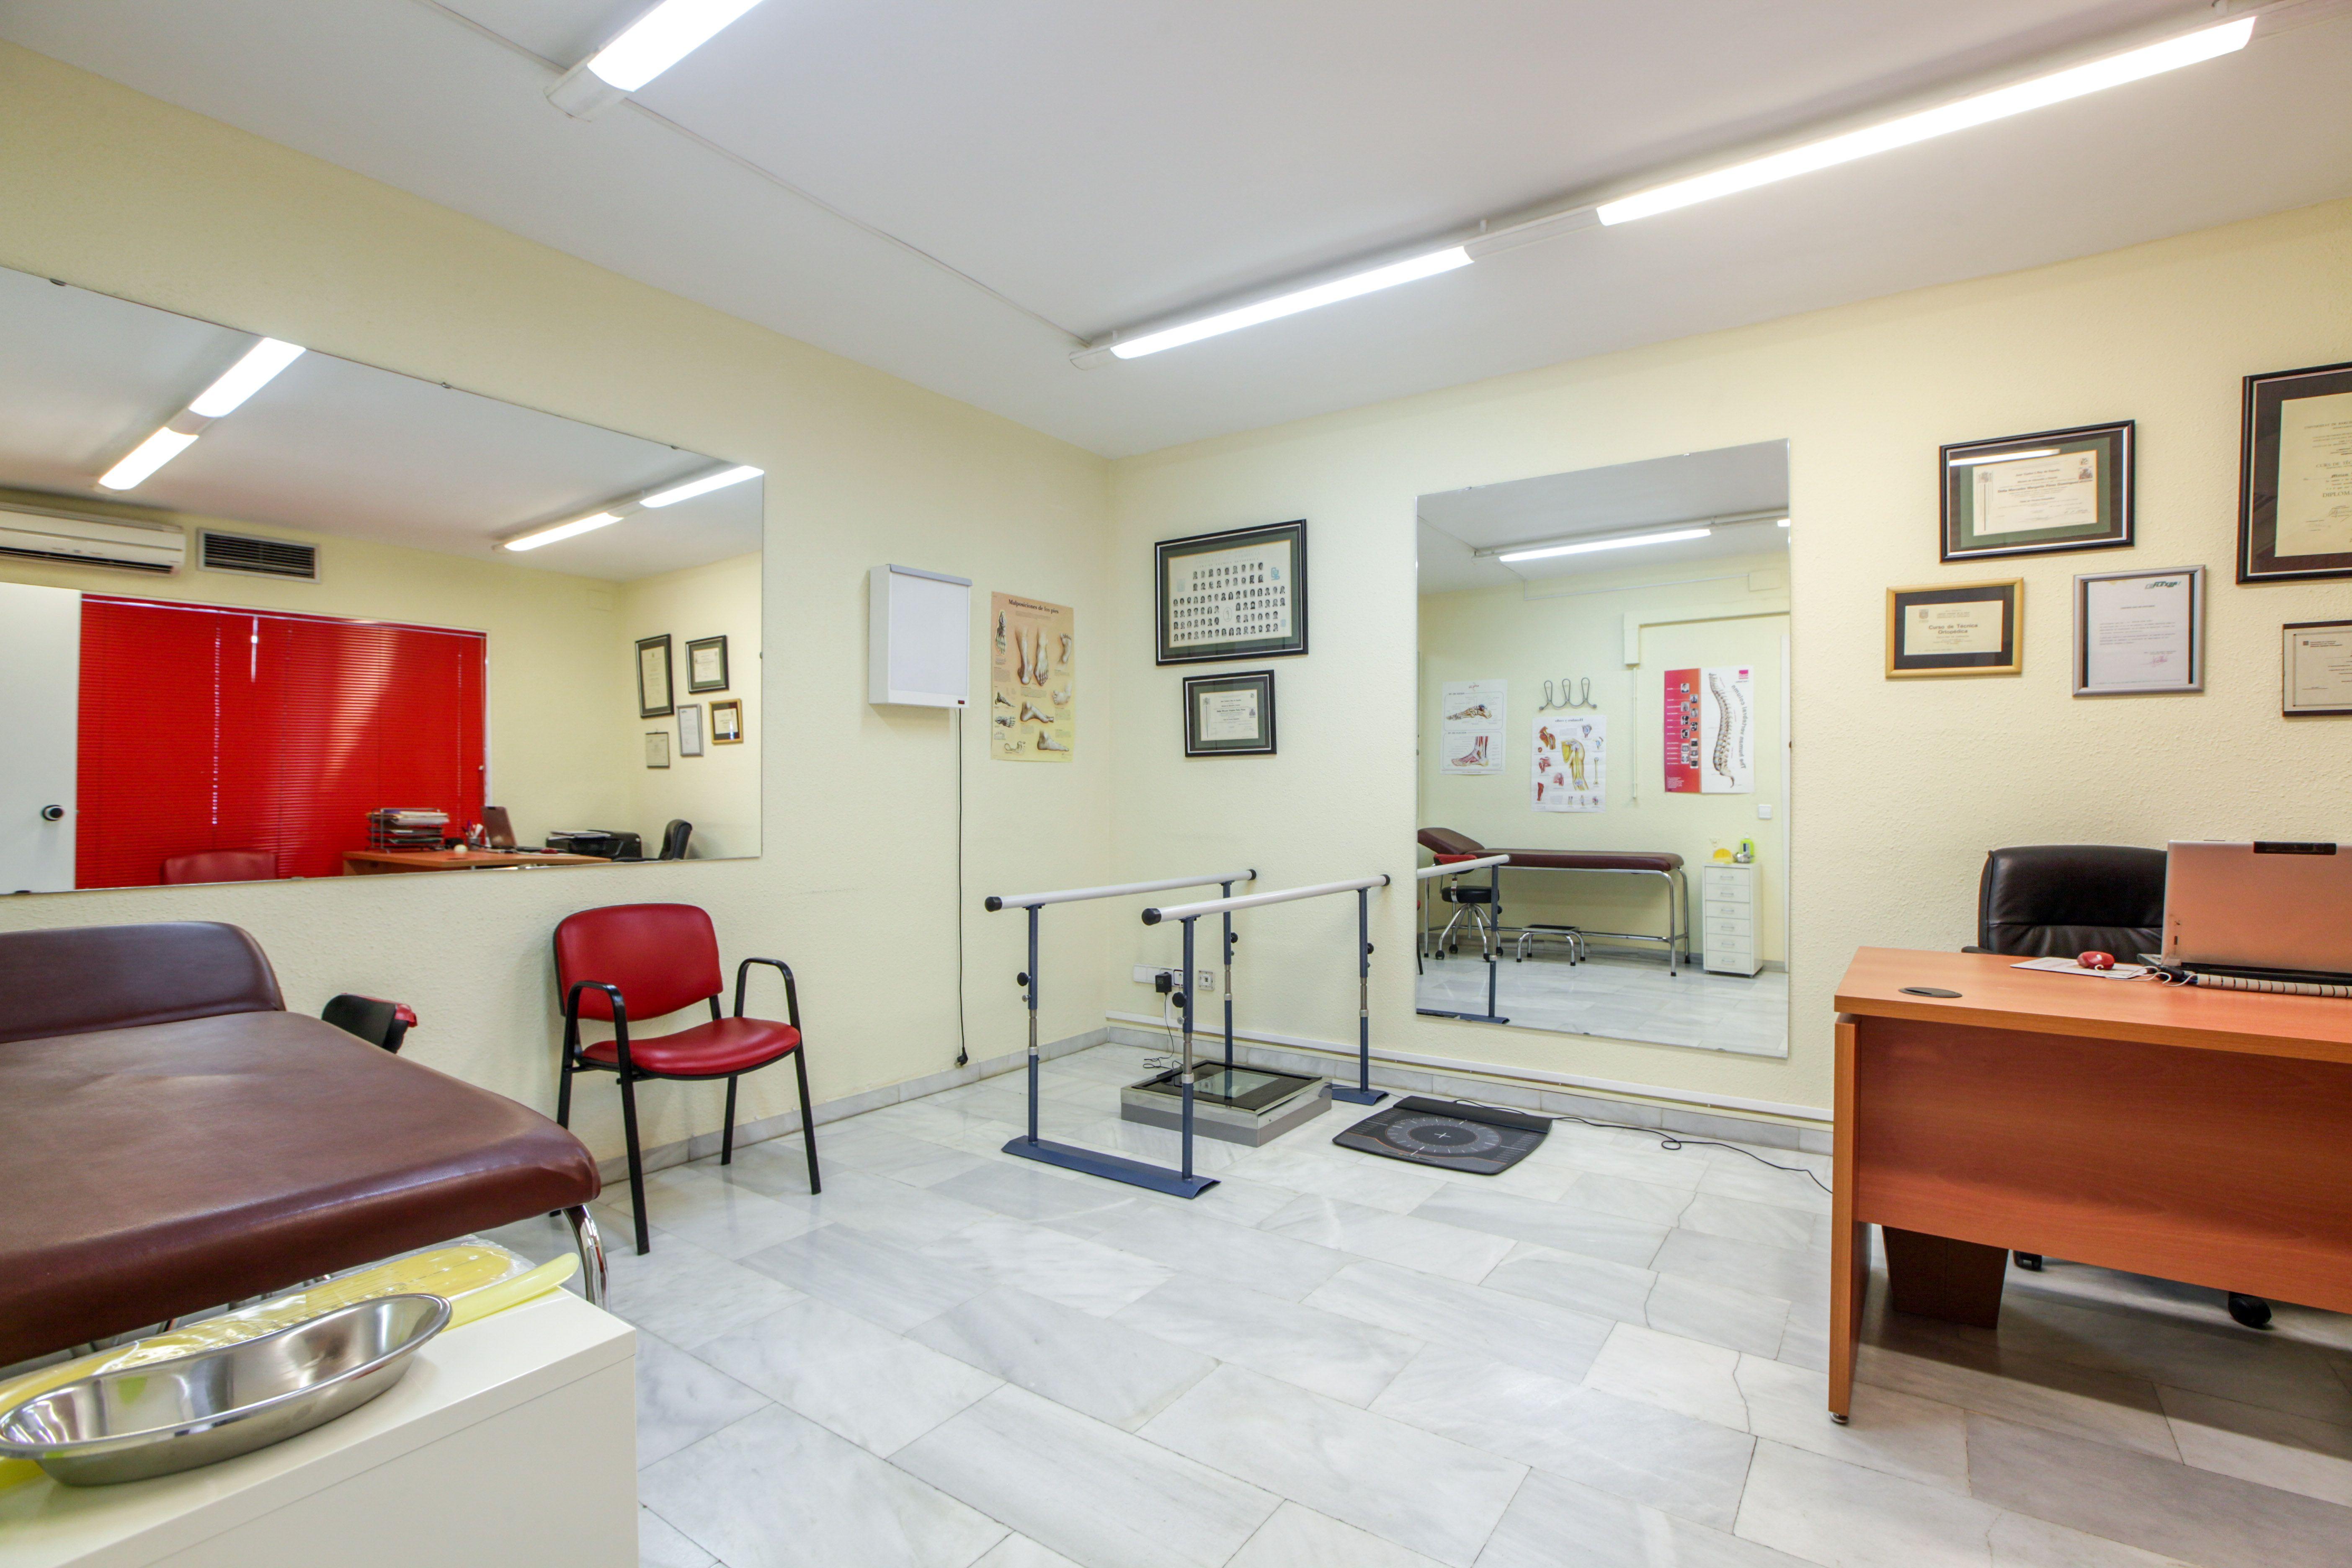 Foto 7 de Ortopedia en L'Hospitalet de Llobregat | Ortopedia Hospitalet